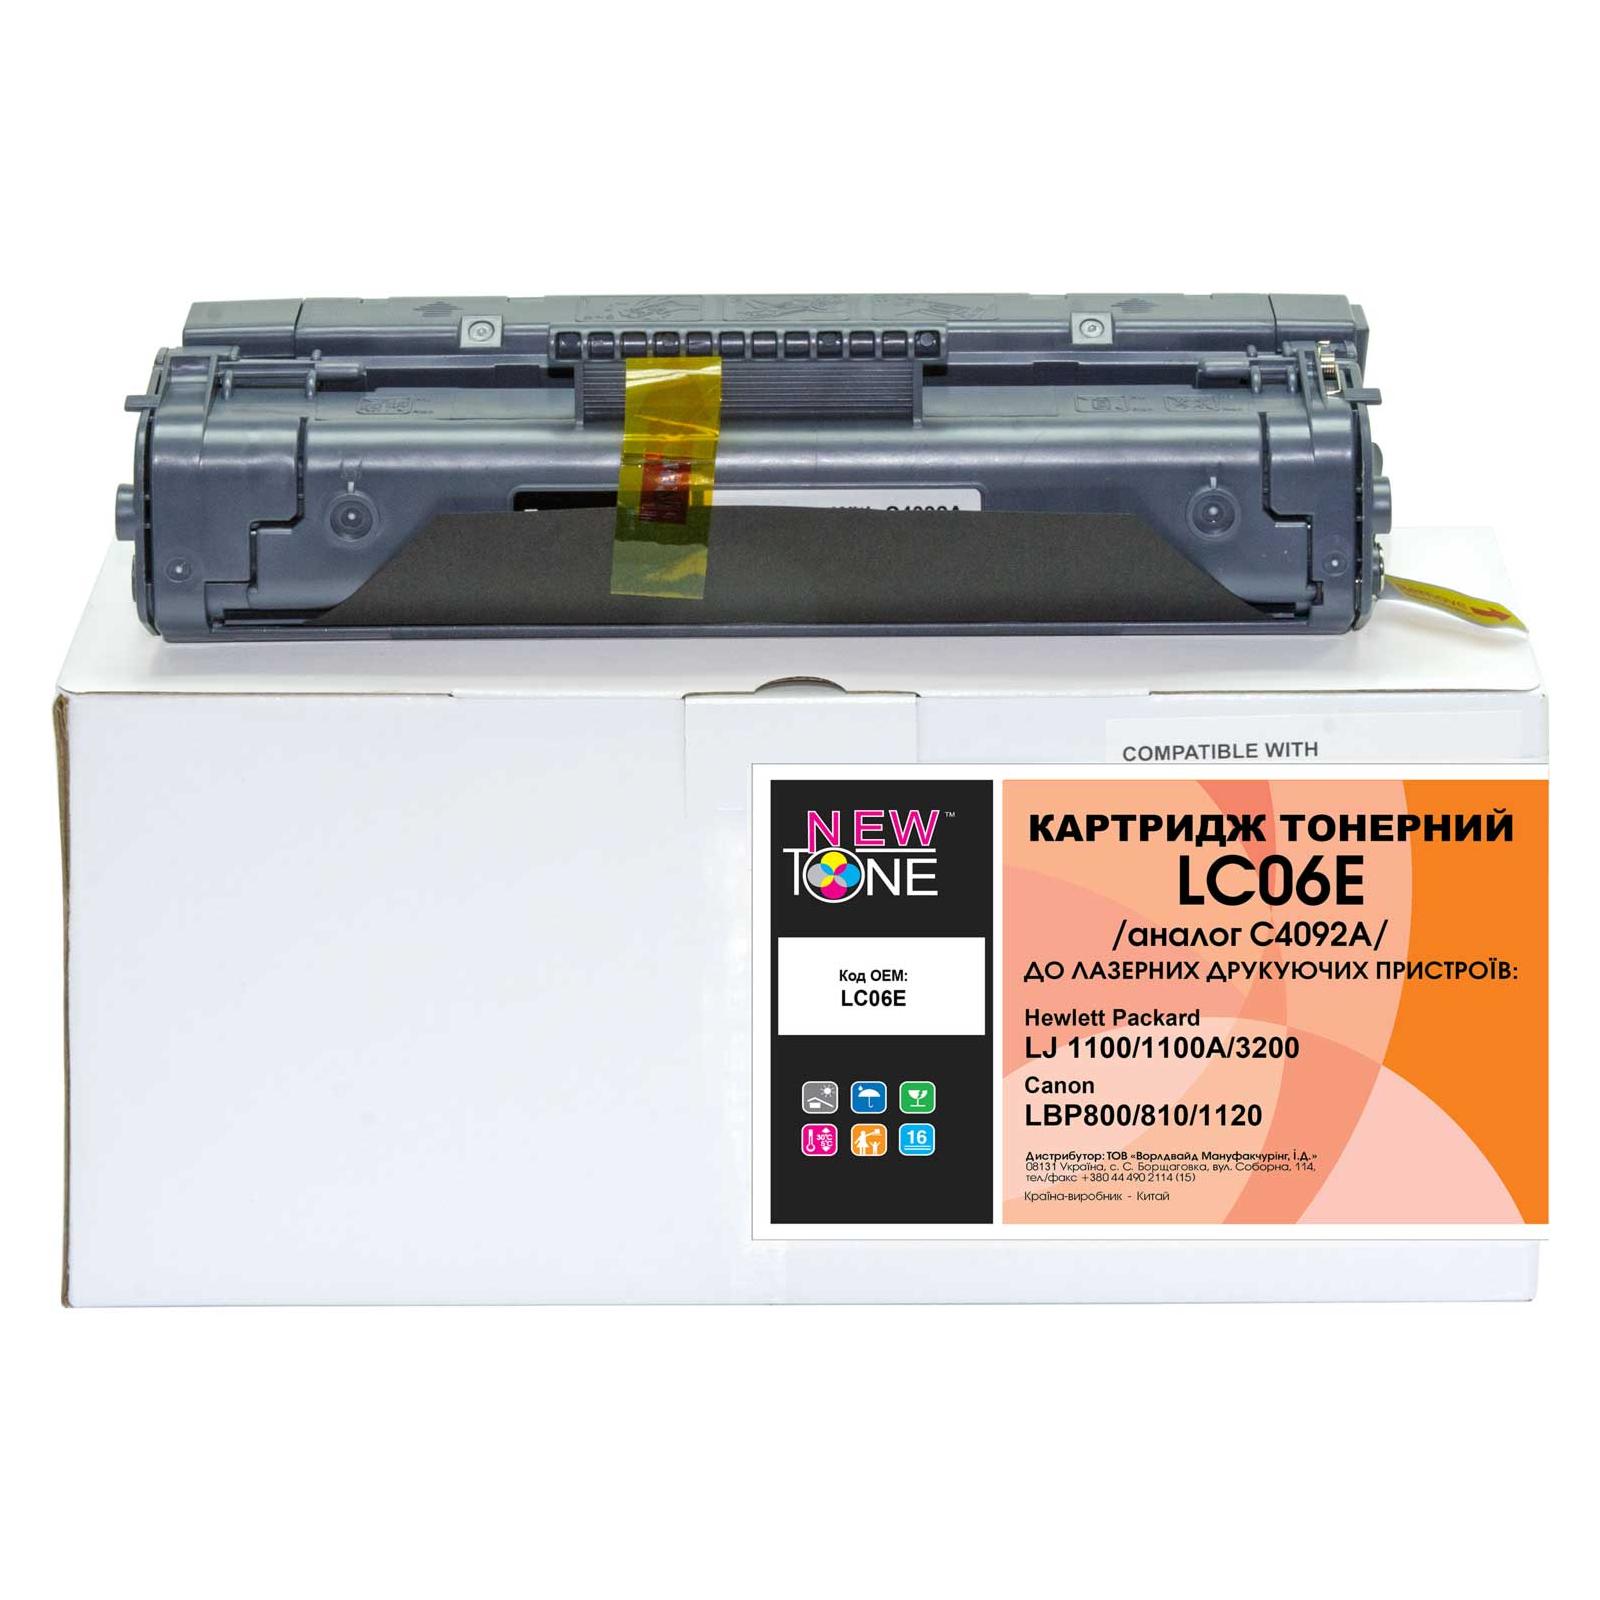 Картридж NewTone для HP LJ 1100/3200 (LC06E)